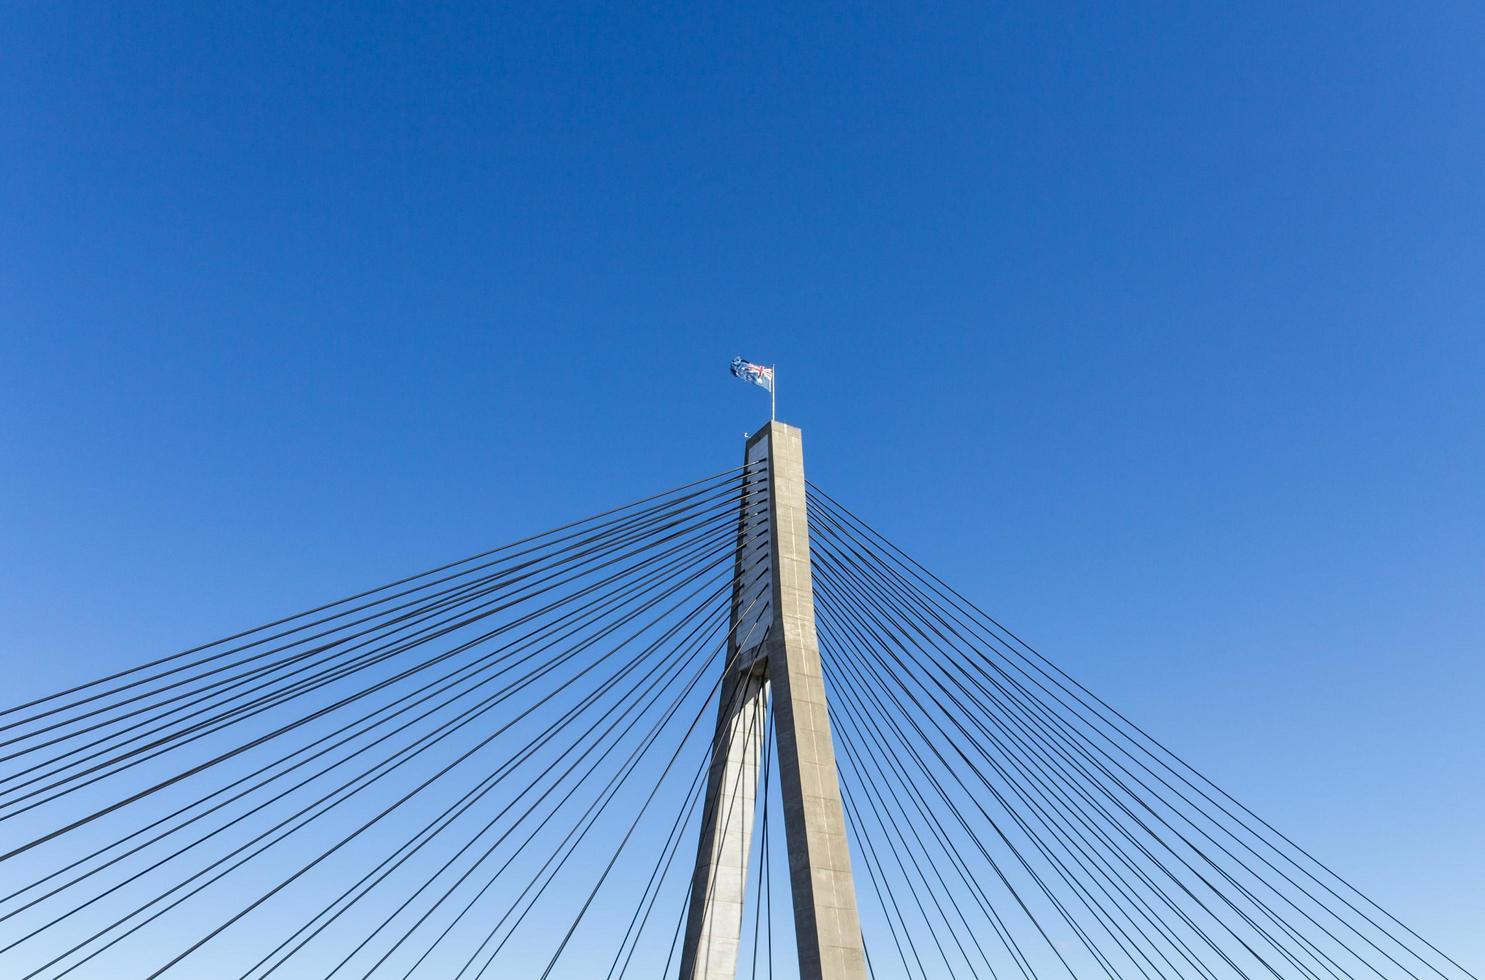 parte superior del puente con bandera australiana foto